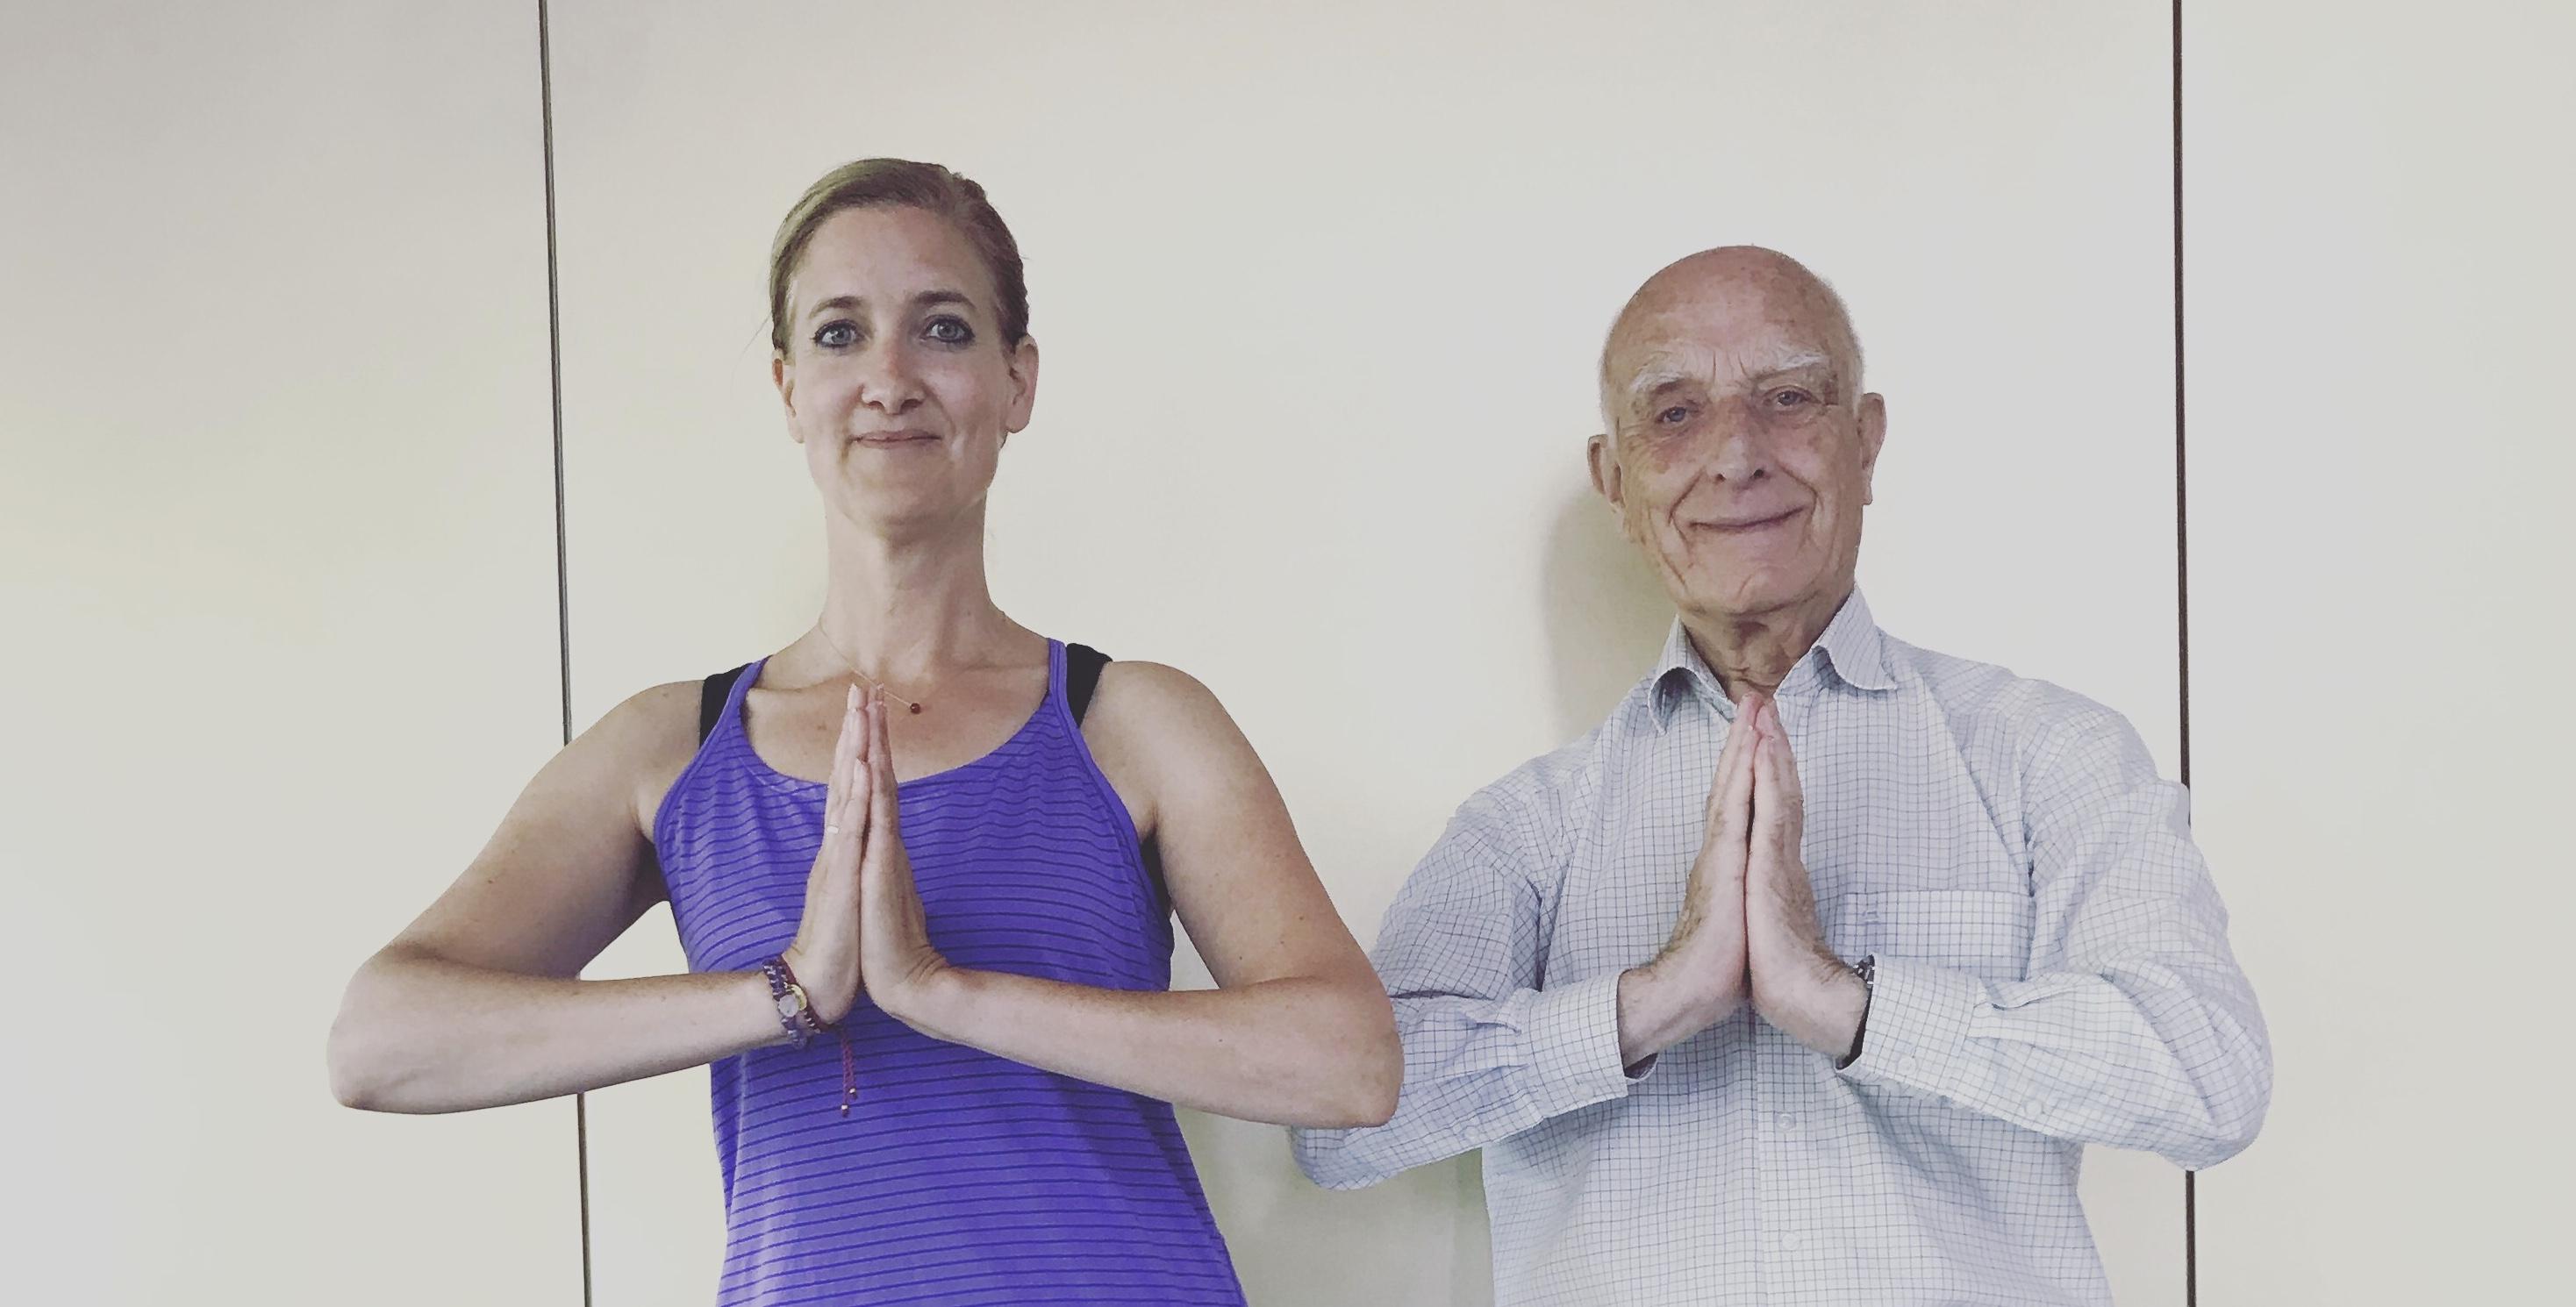 Arend Jan; bijna 90 jaar en nog steeds elke maandag naar yoga